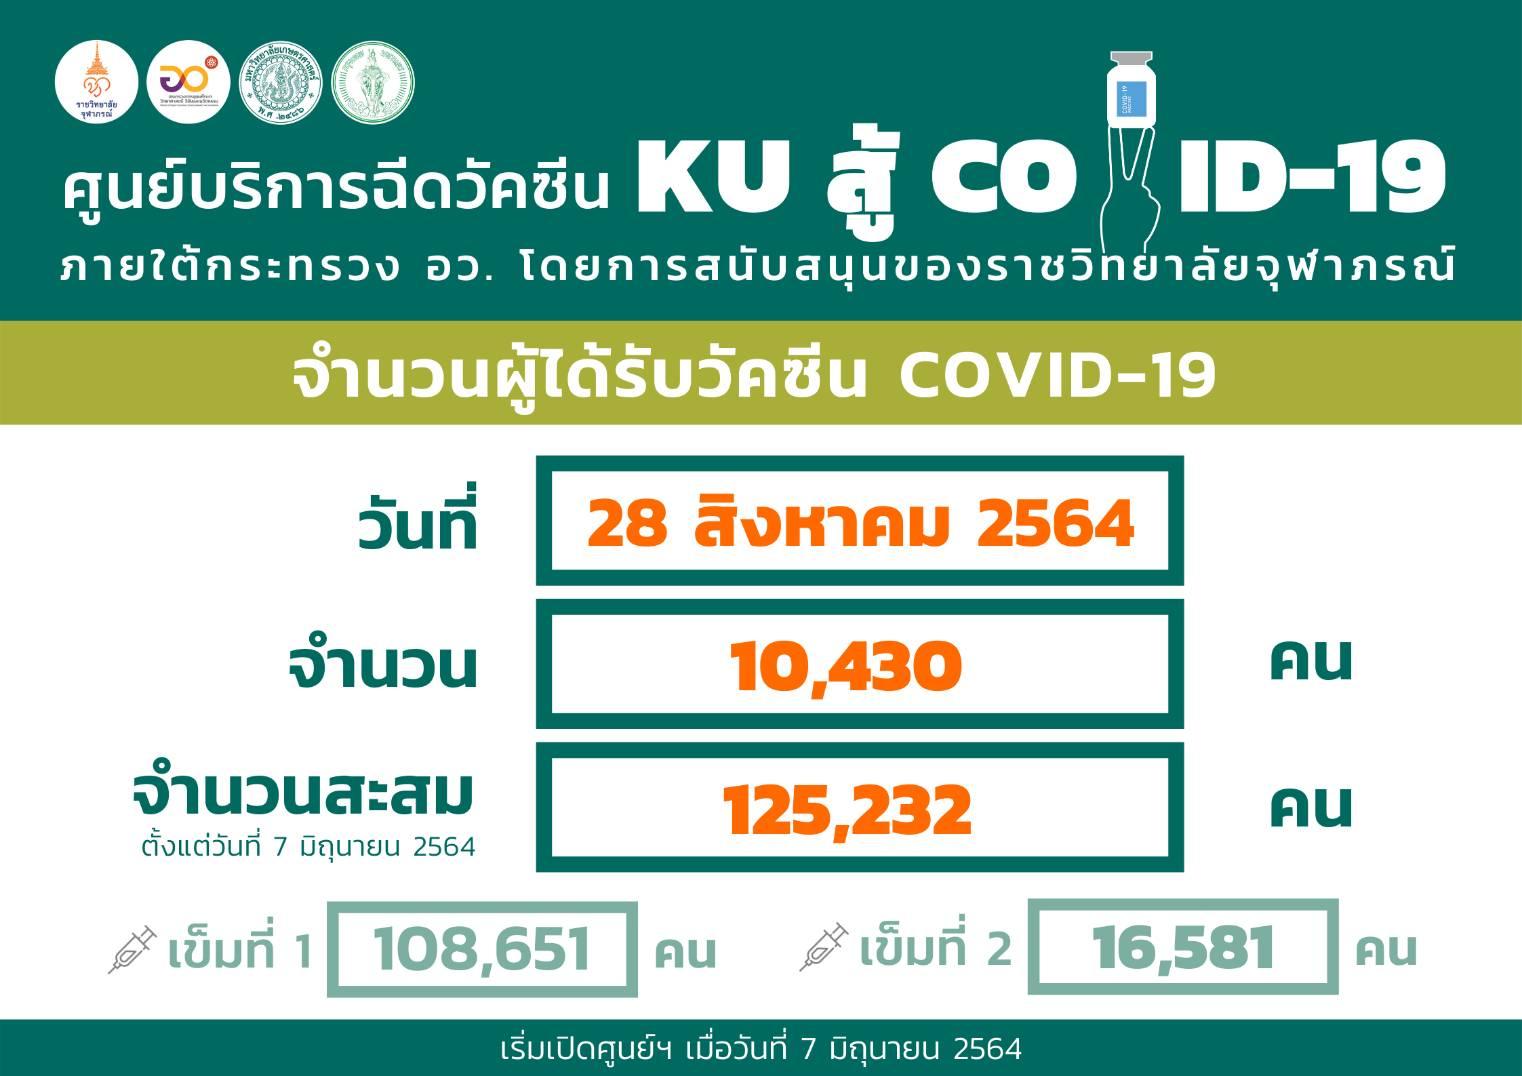 เริ่มแล้ว เข็มสอง AZ ที่ศูนย์ฯฉีดวัคซีน KU สู้ COVID-19